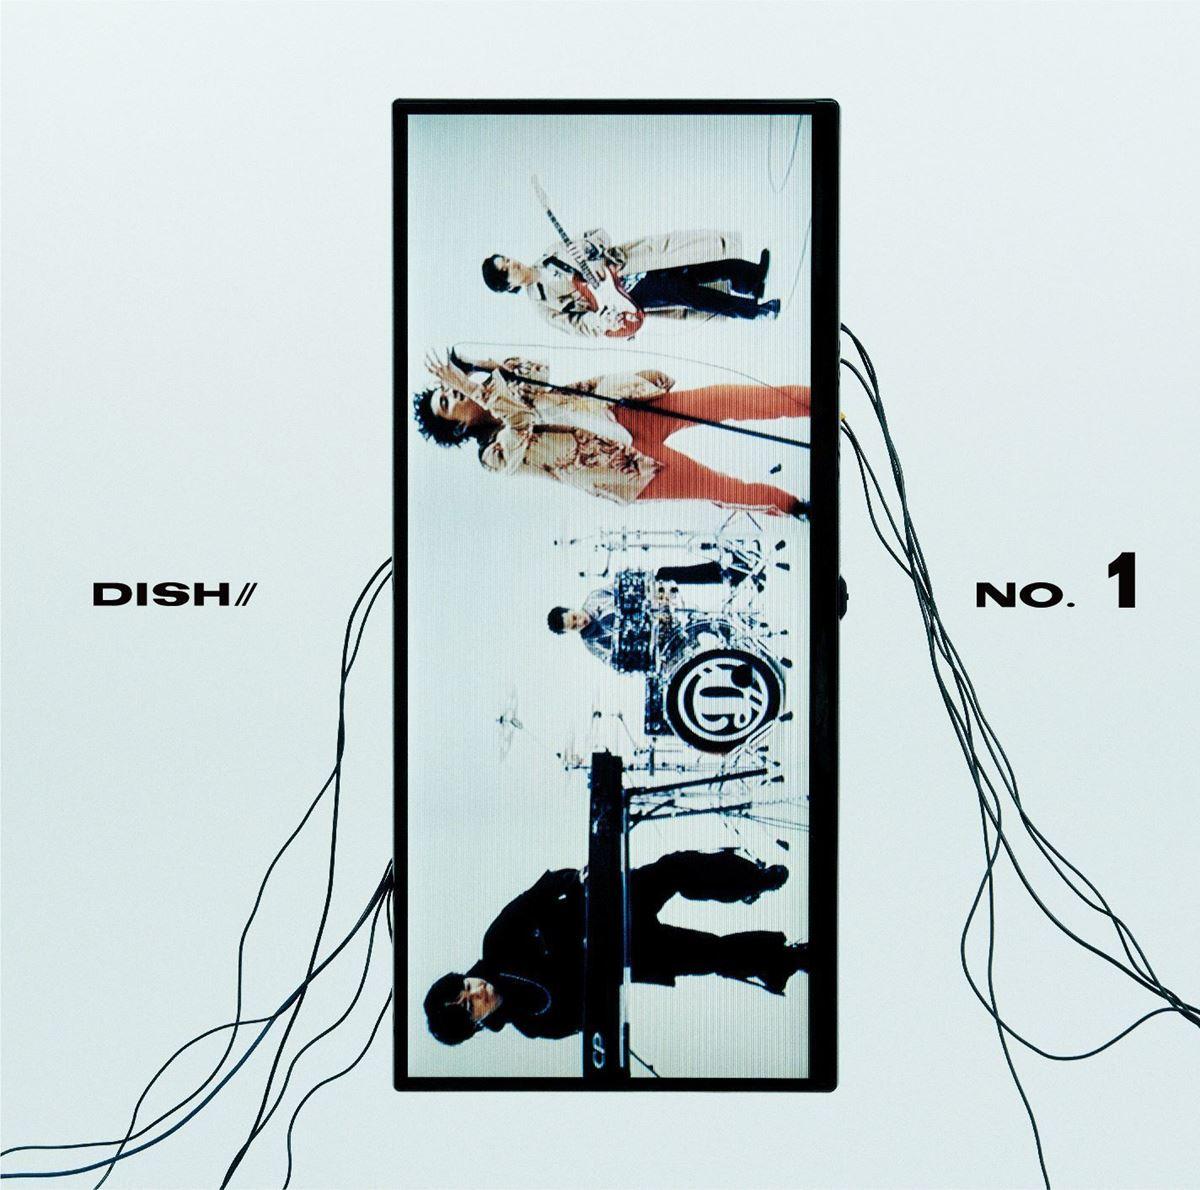 『DISH// - 宇宙船』収録の『No.1』ジャケット